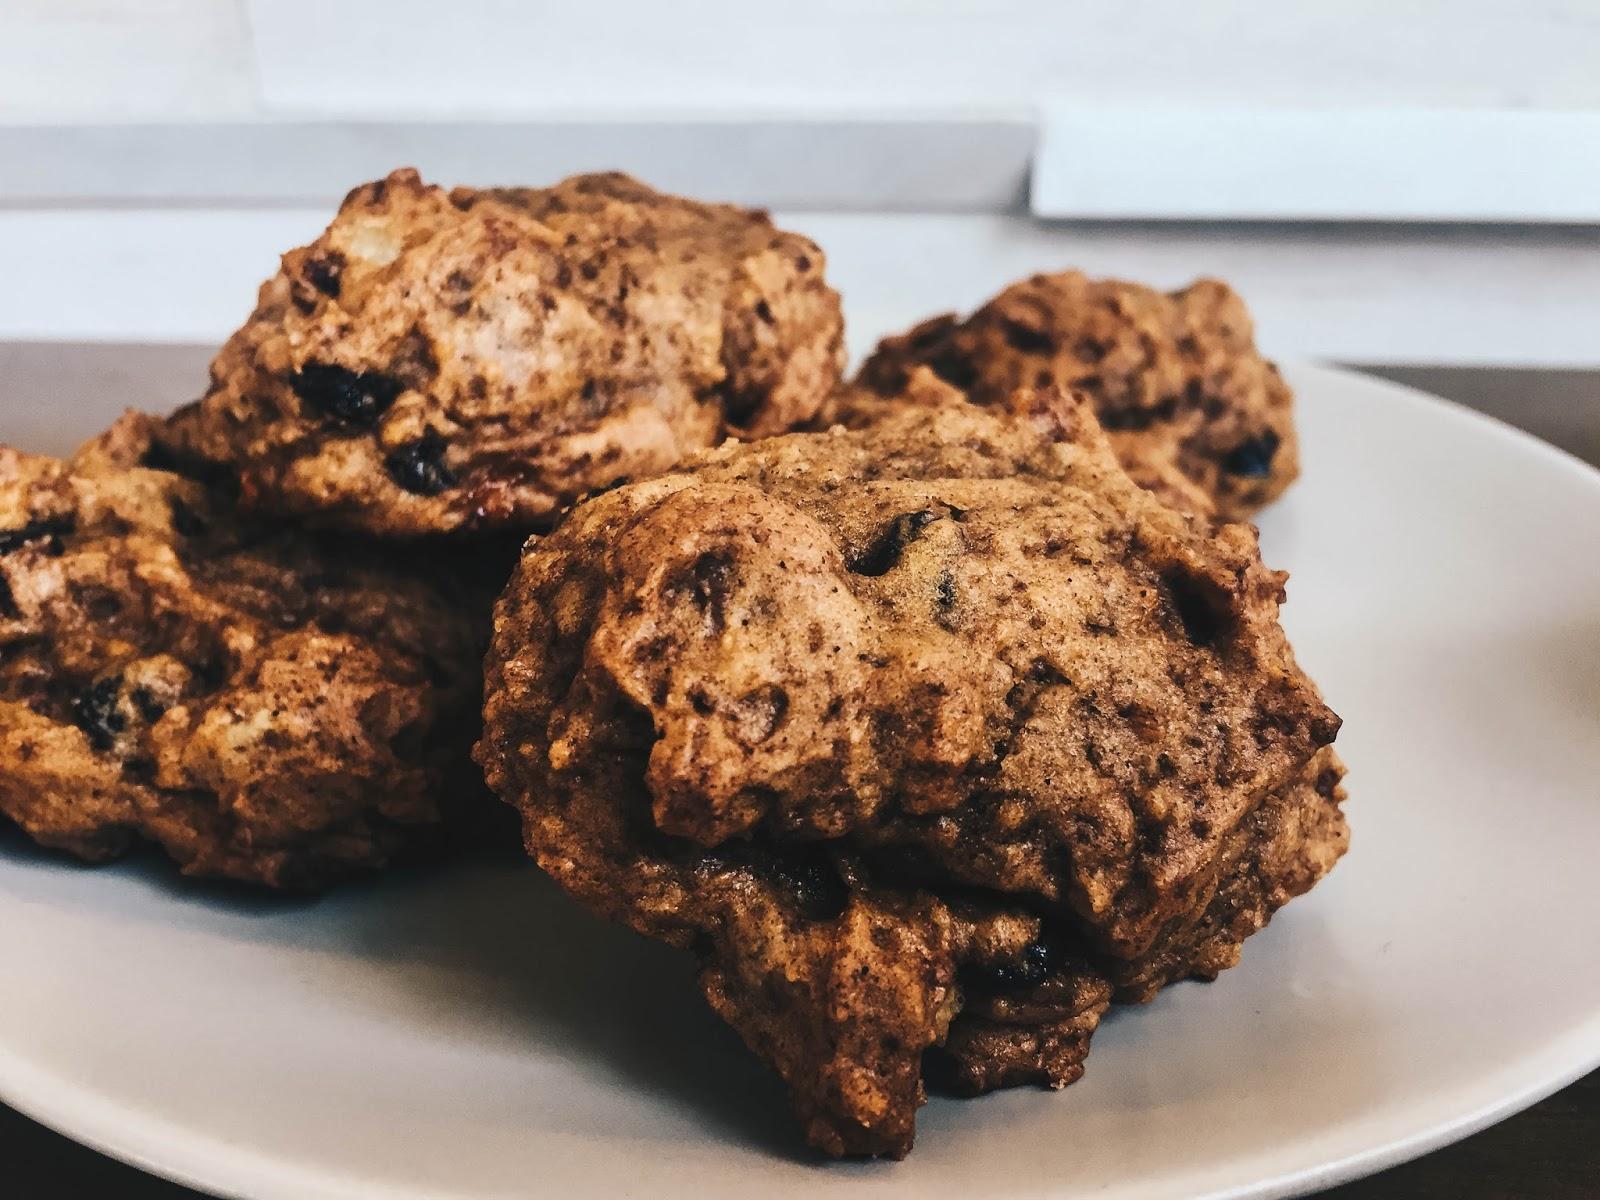 GREY SUEDE - Persimmon Cookie Recipe